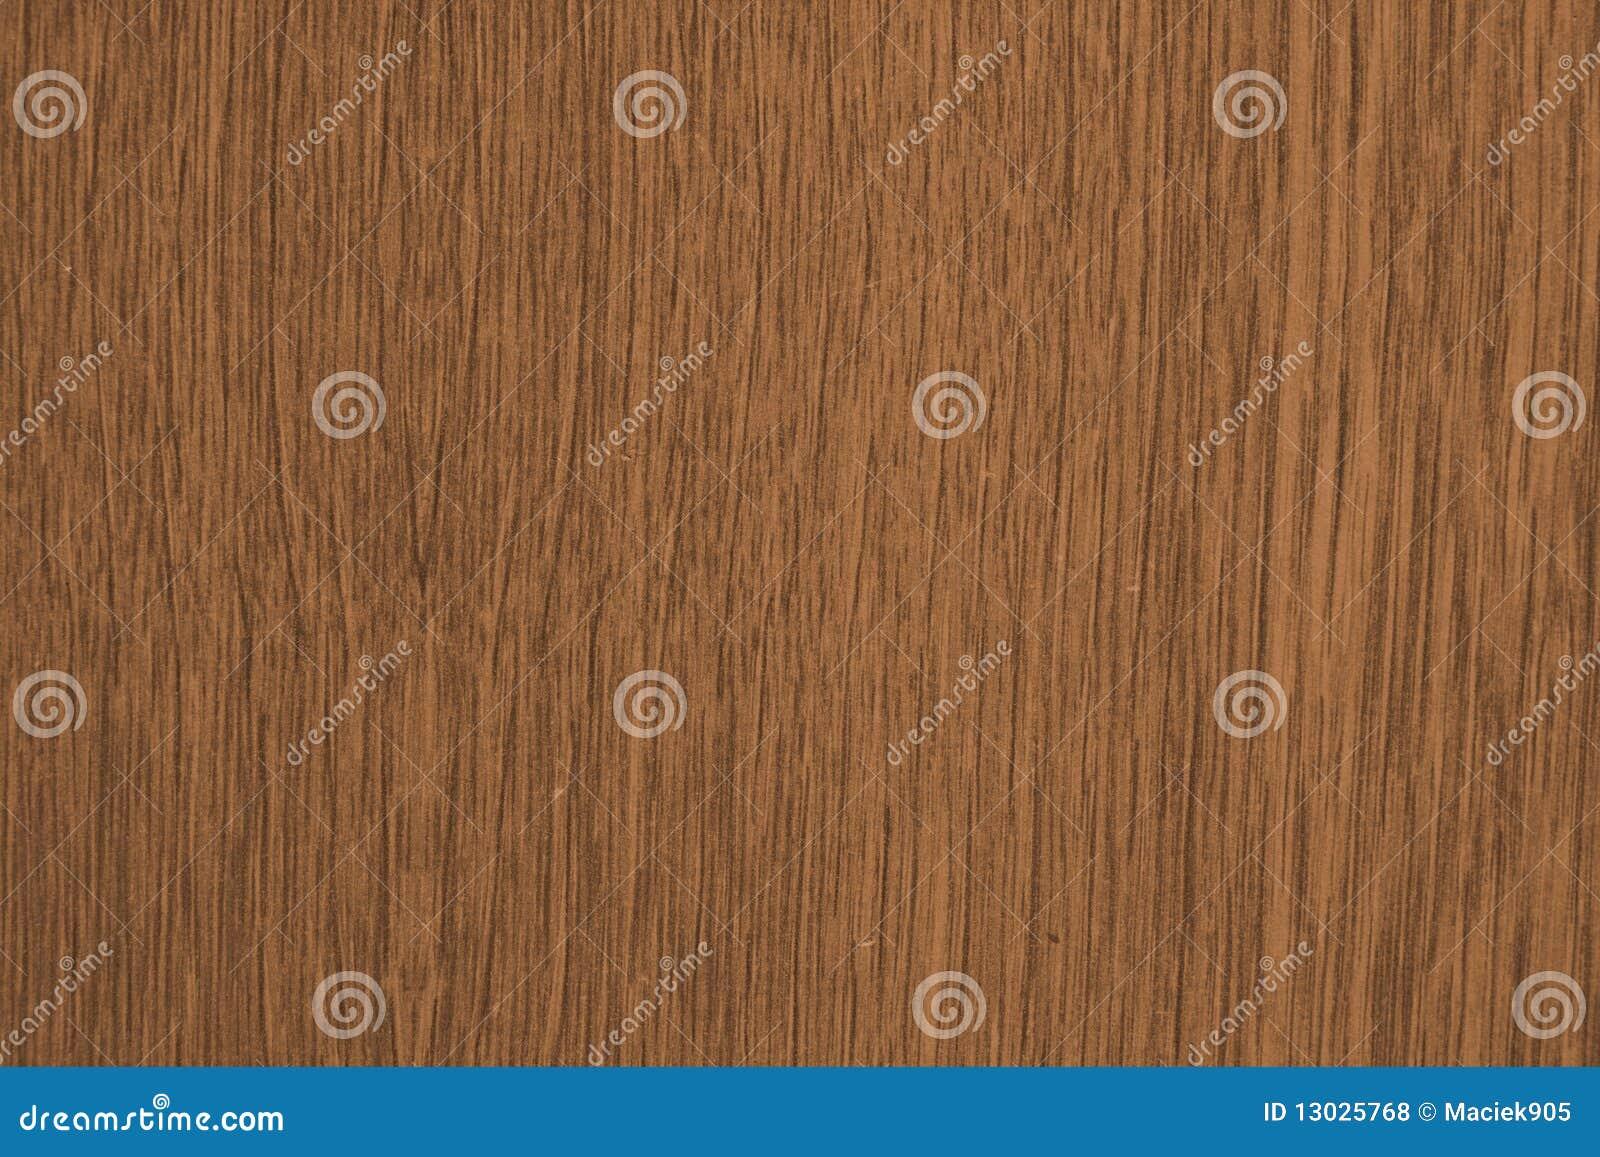 Wood floor parquet texture